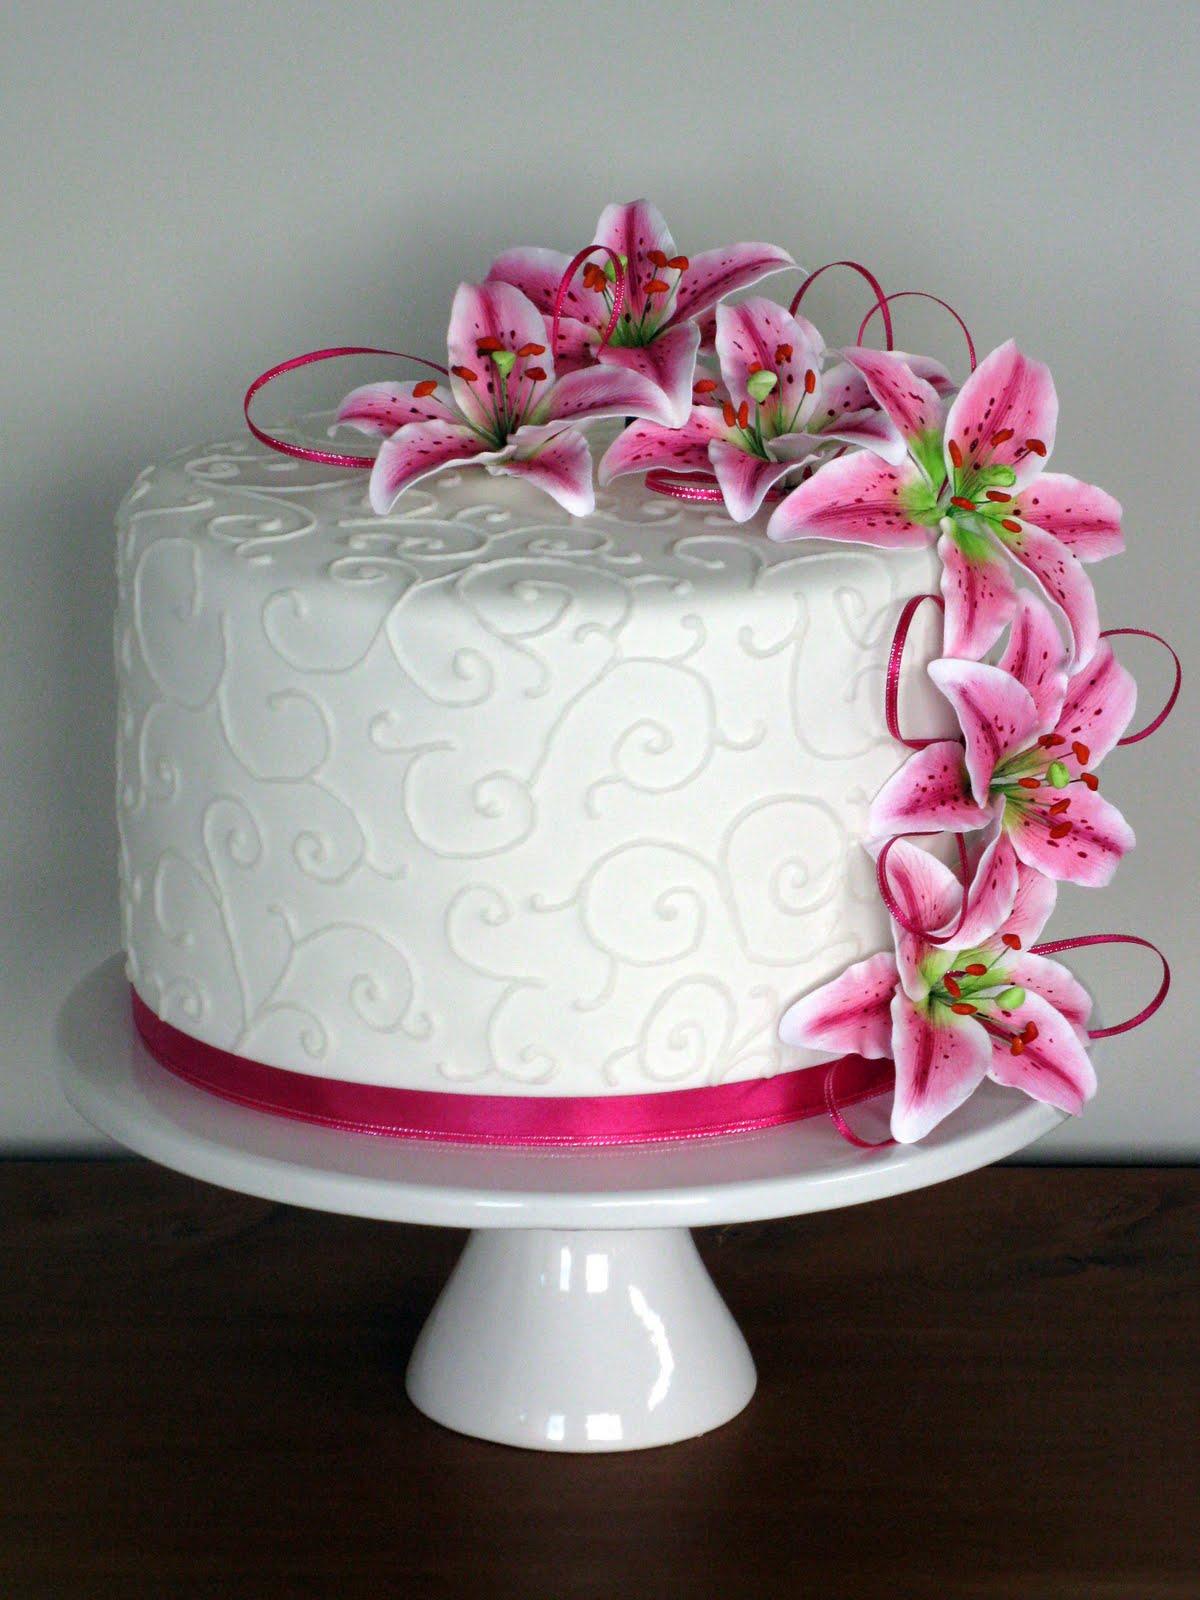 Sweet Bites Cakes Pink Lily Wedding Cake